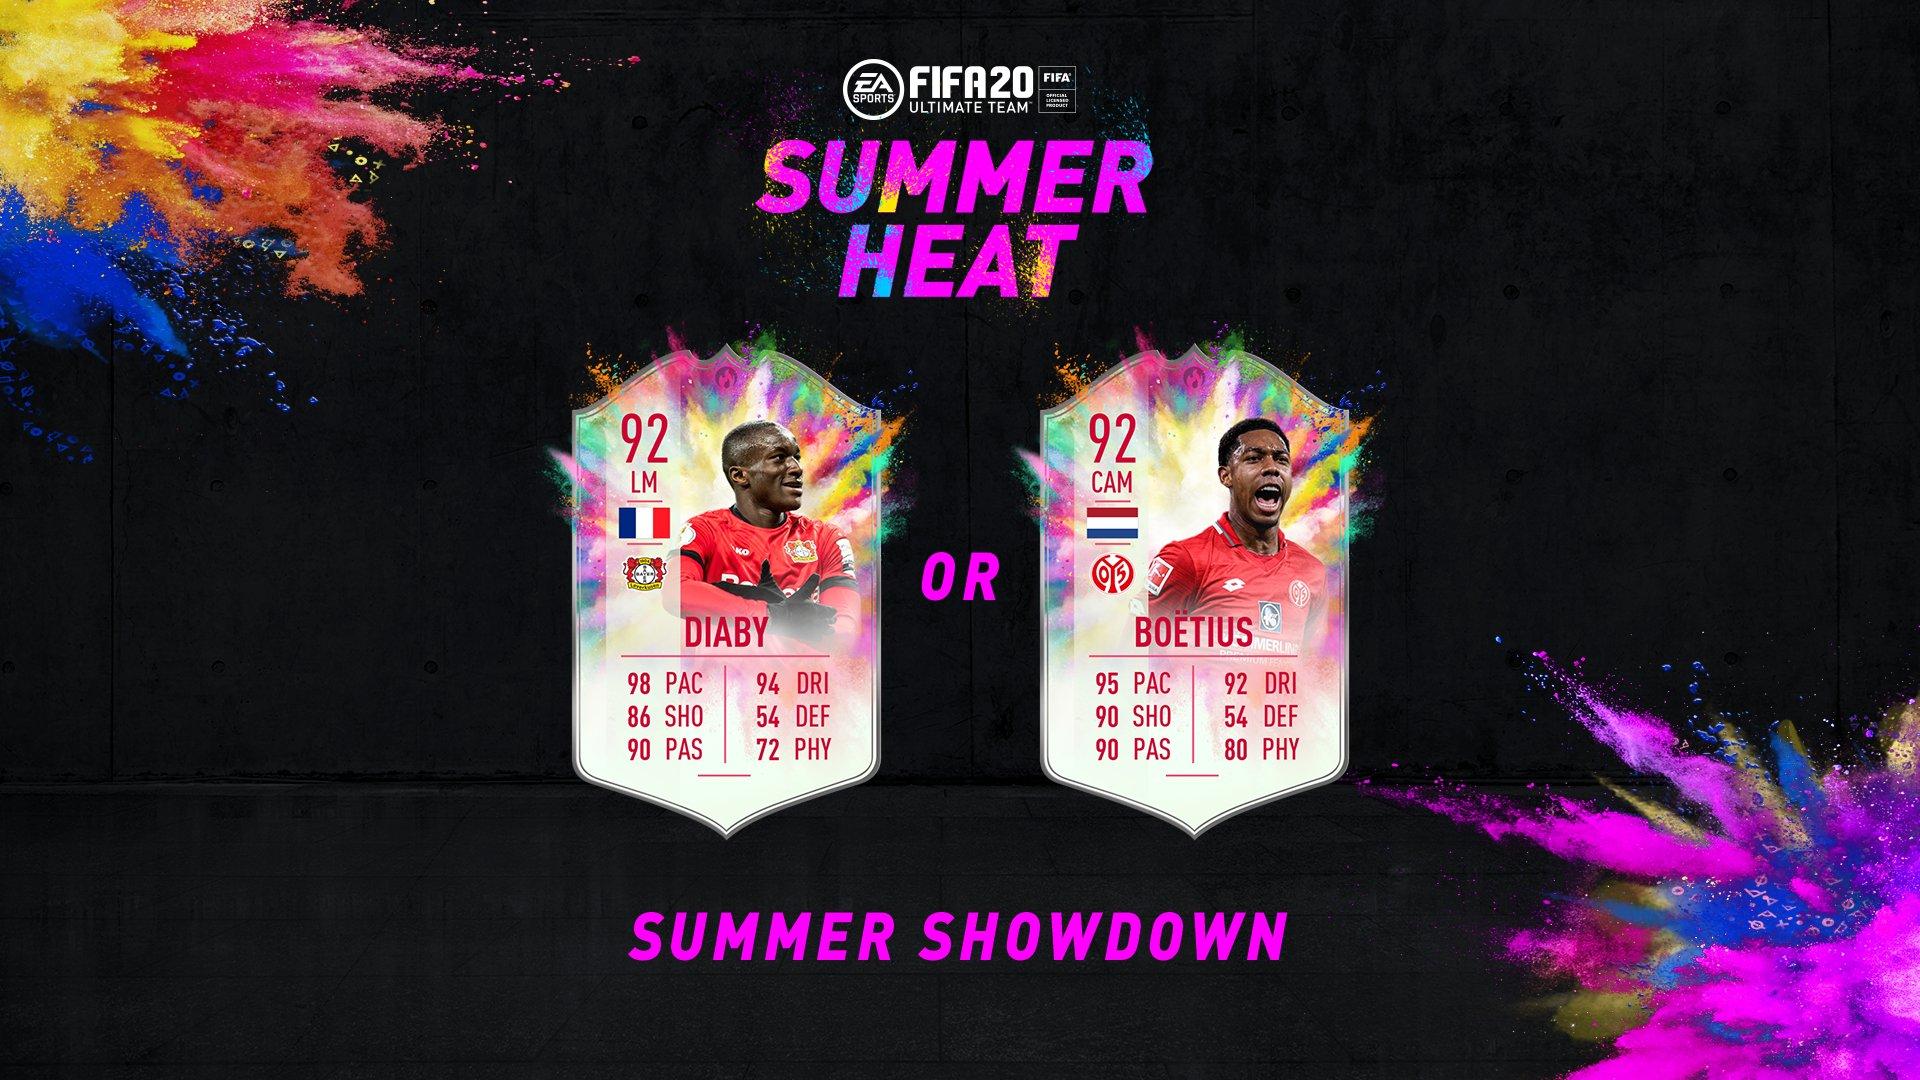 Diaby Boetius Summer Showdown